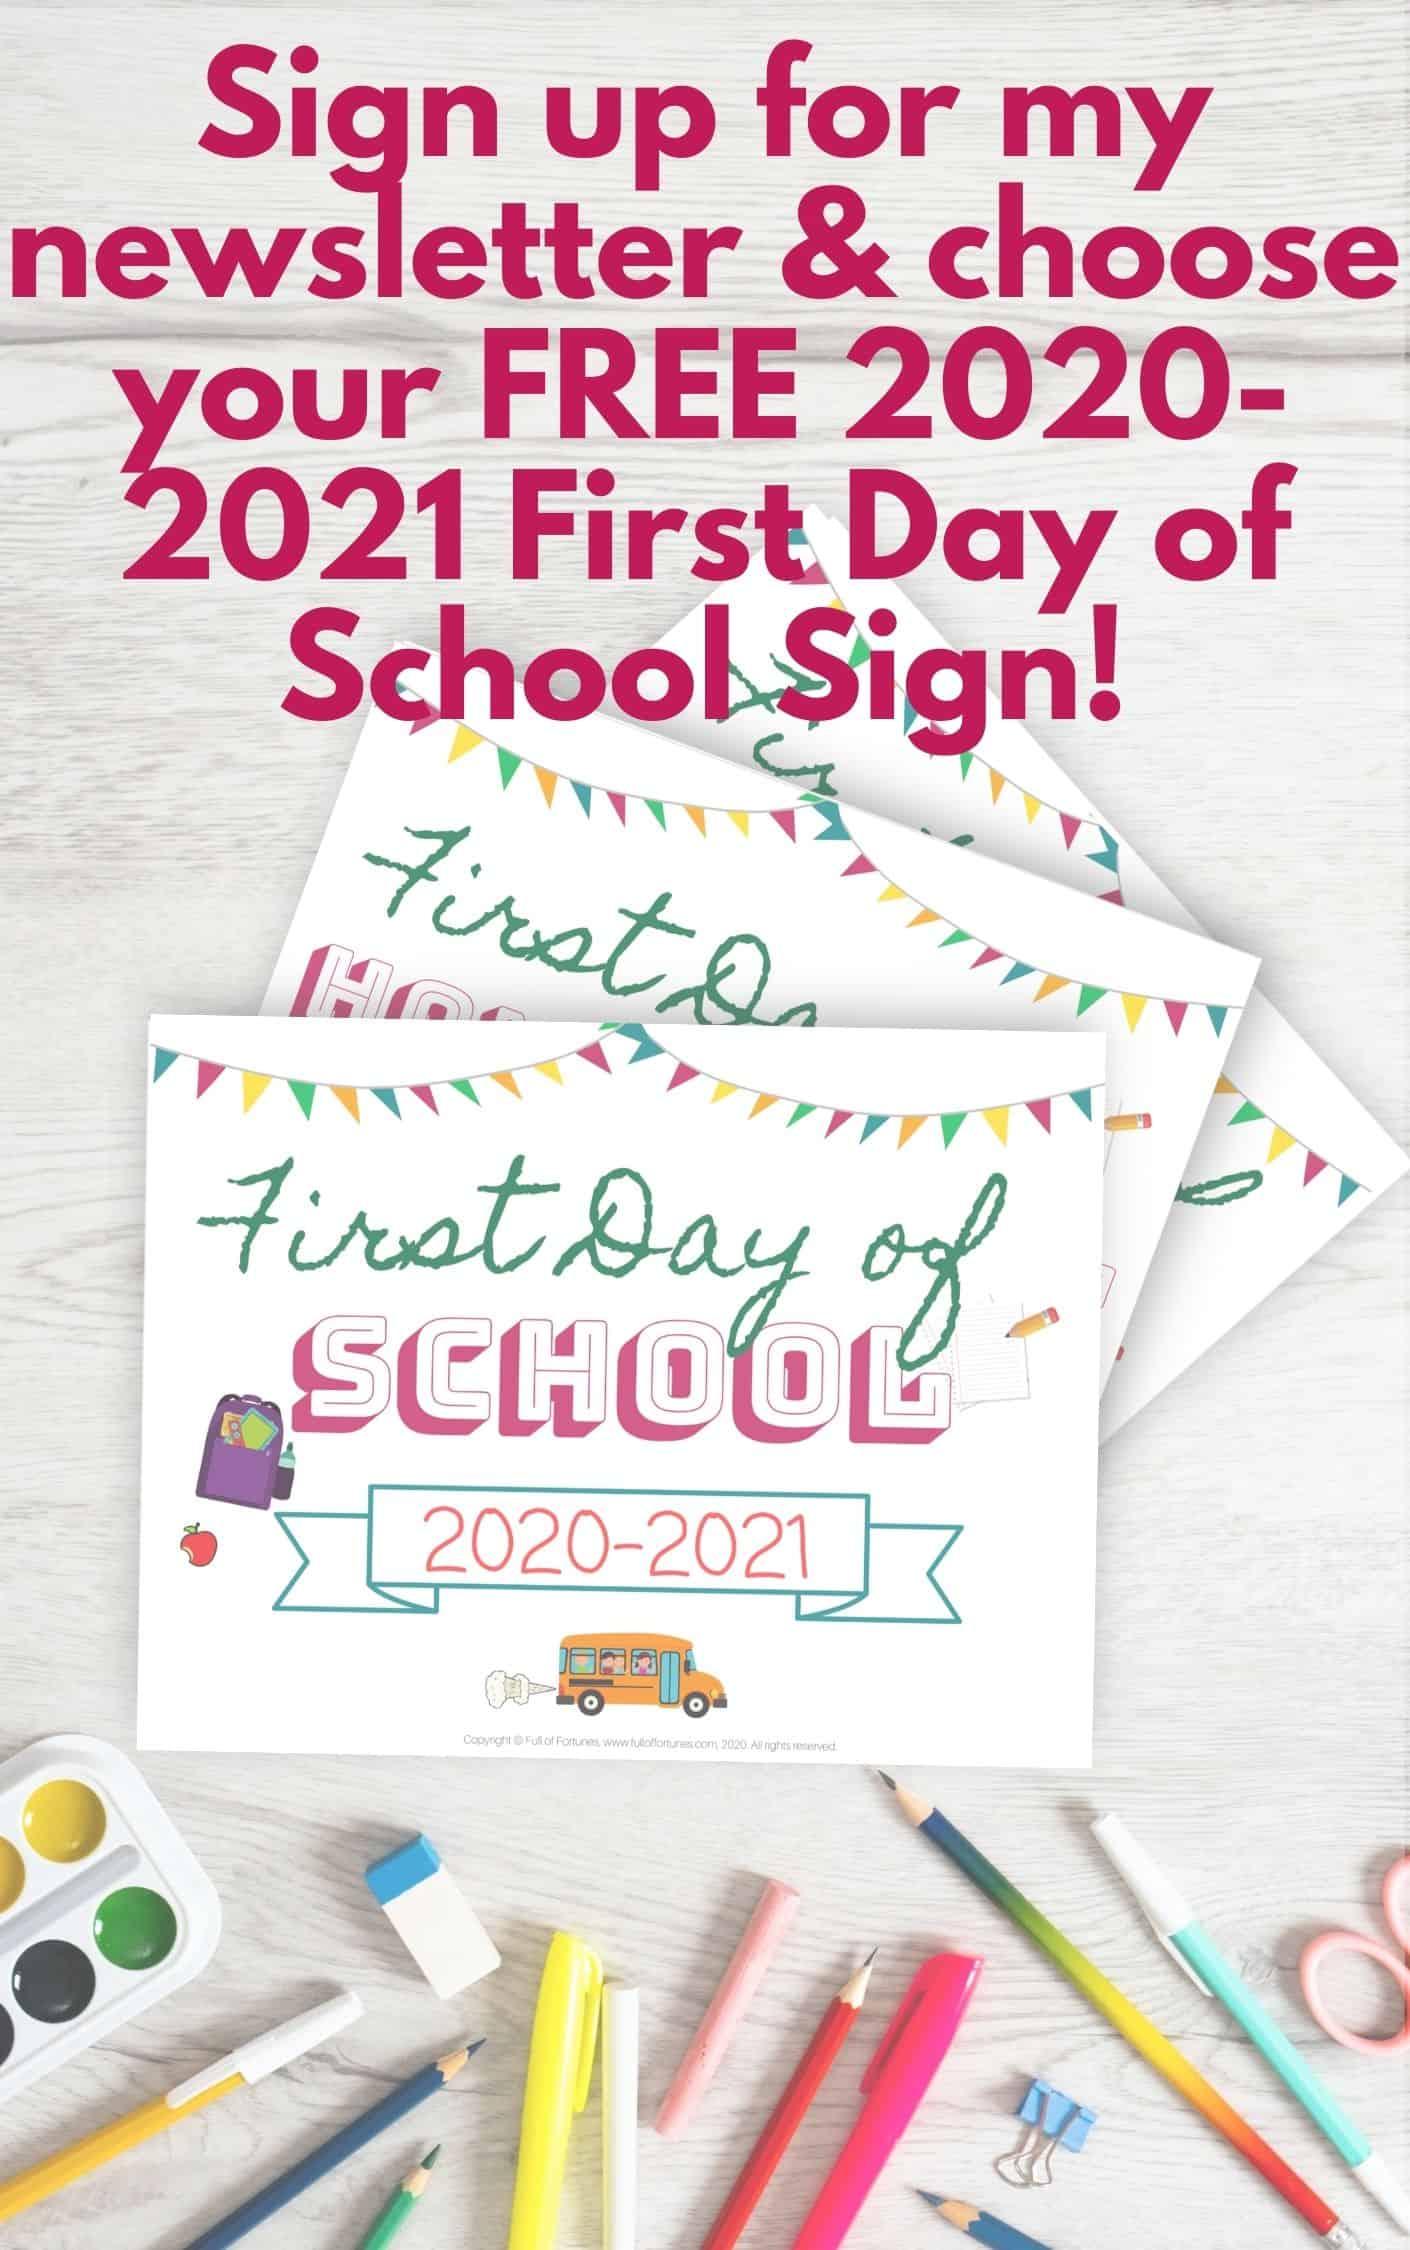 2020-2021ChooseYour1stDaySchoolSign